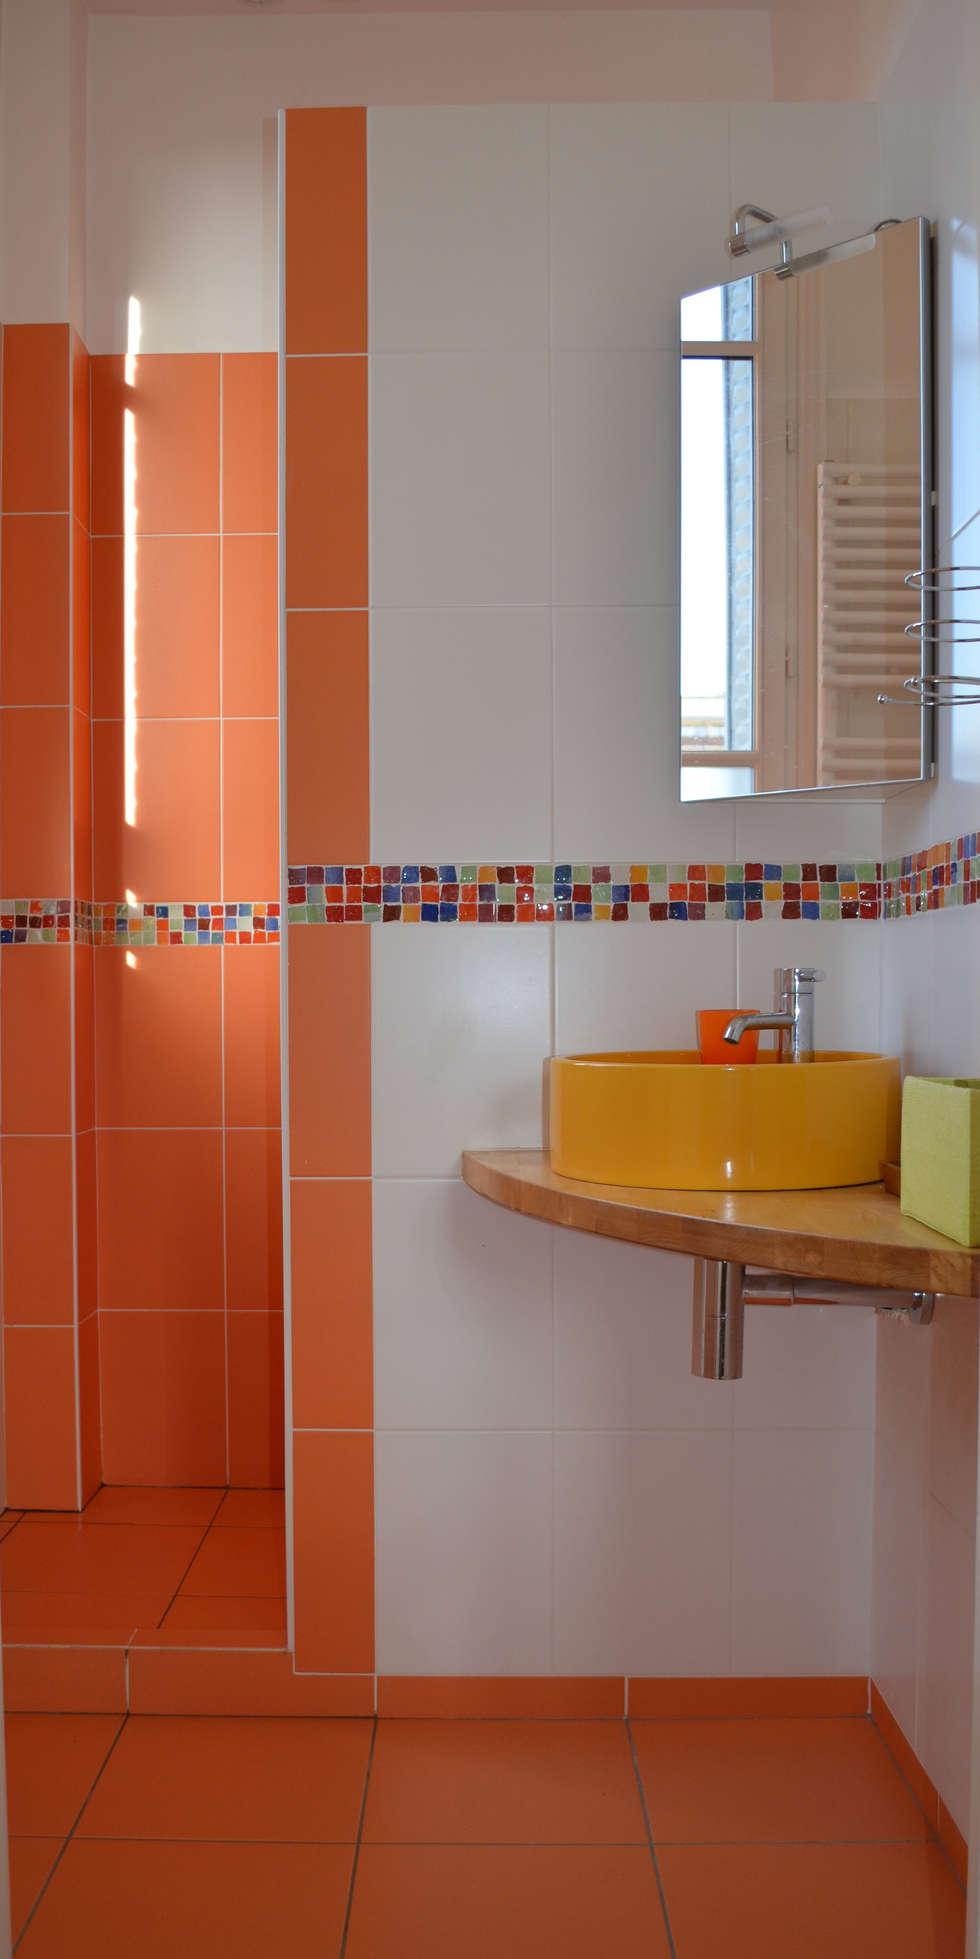 mini salle d'eau: Salle de bains de style  par 2 par mètre